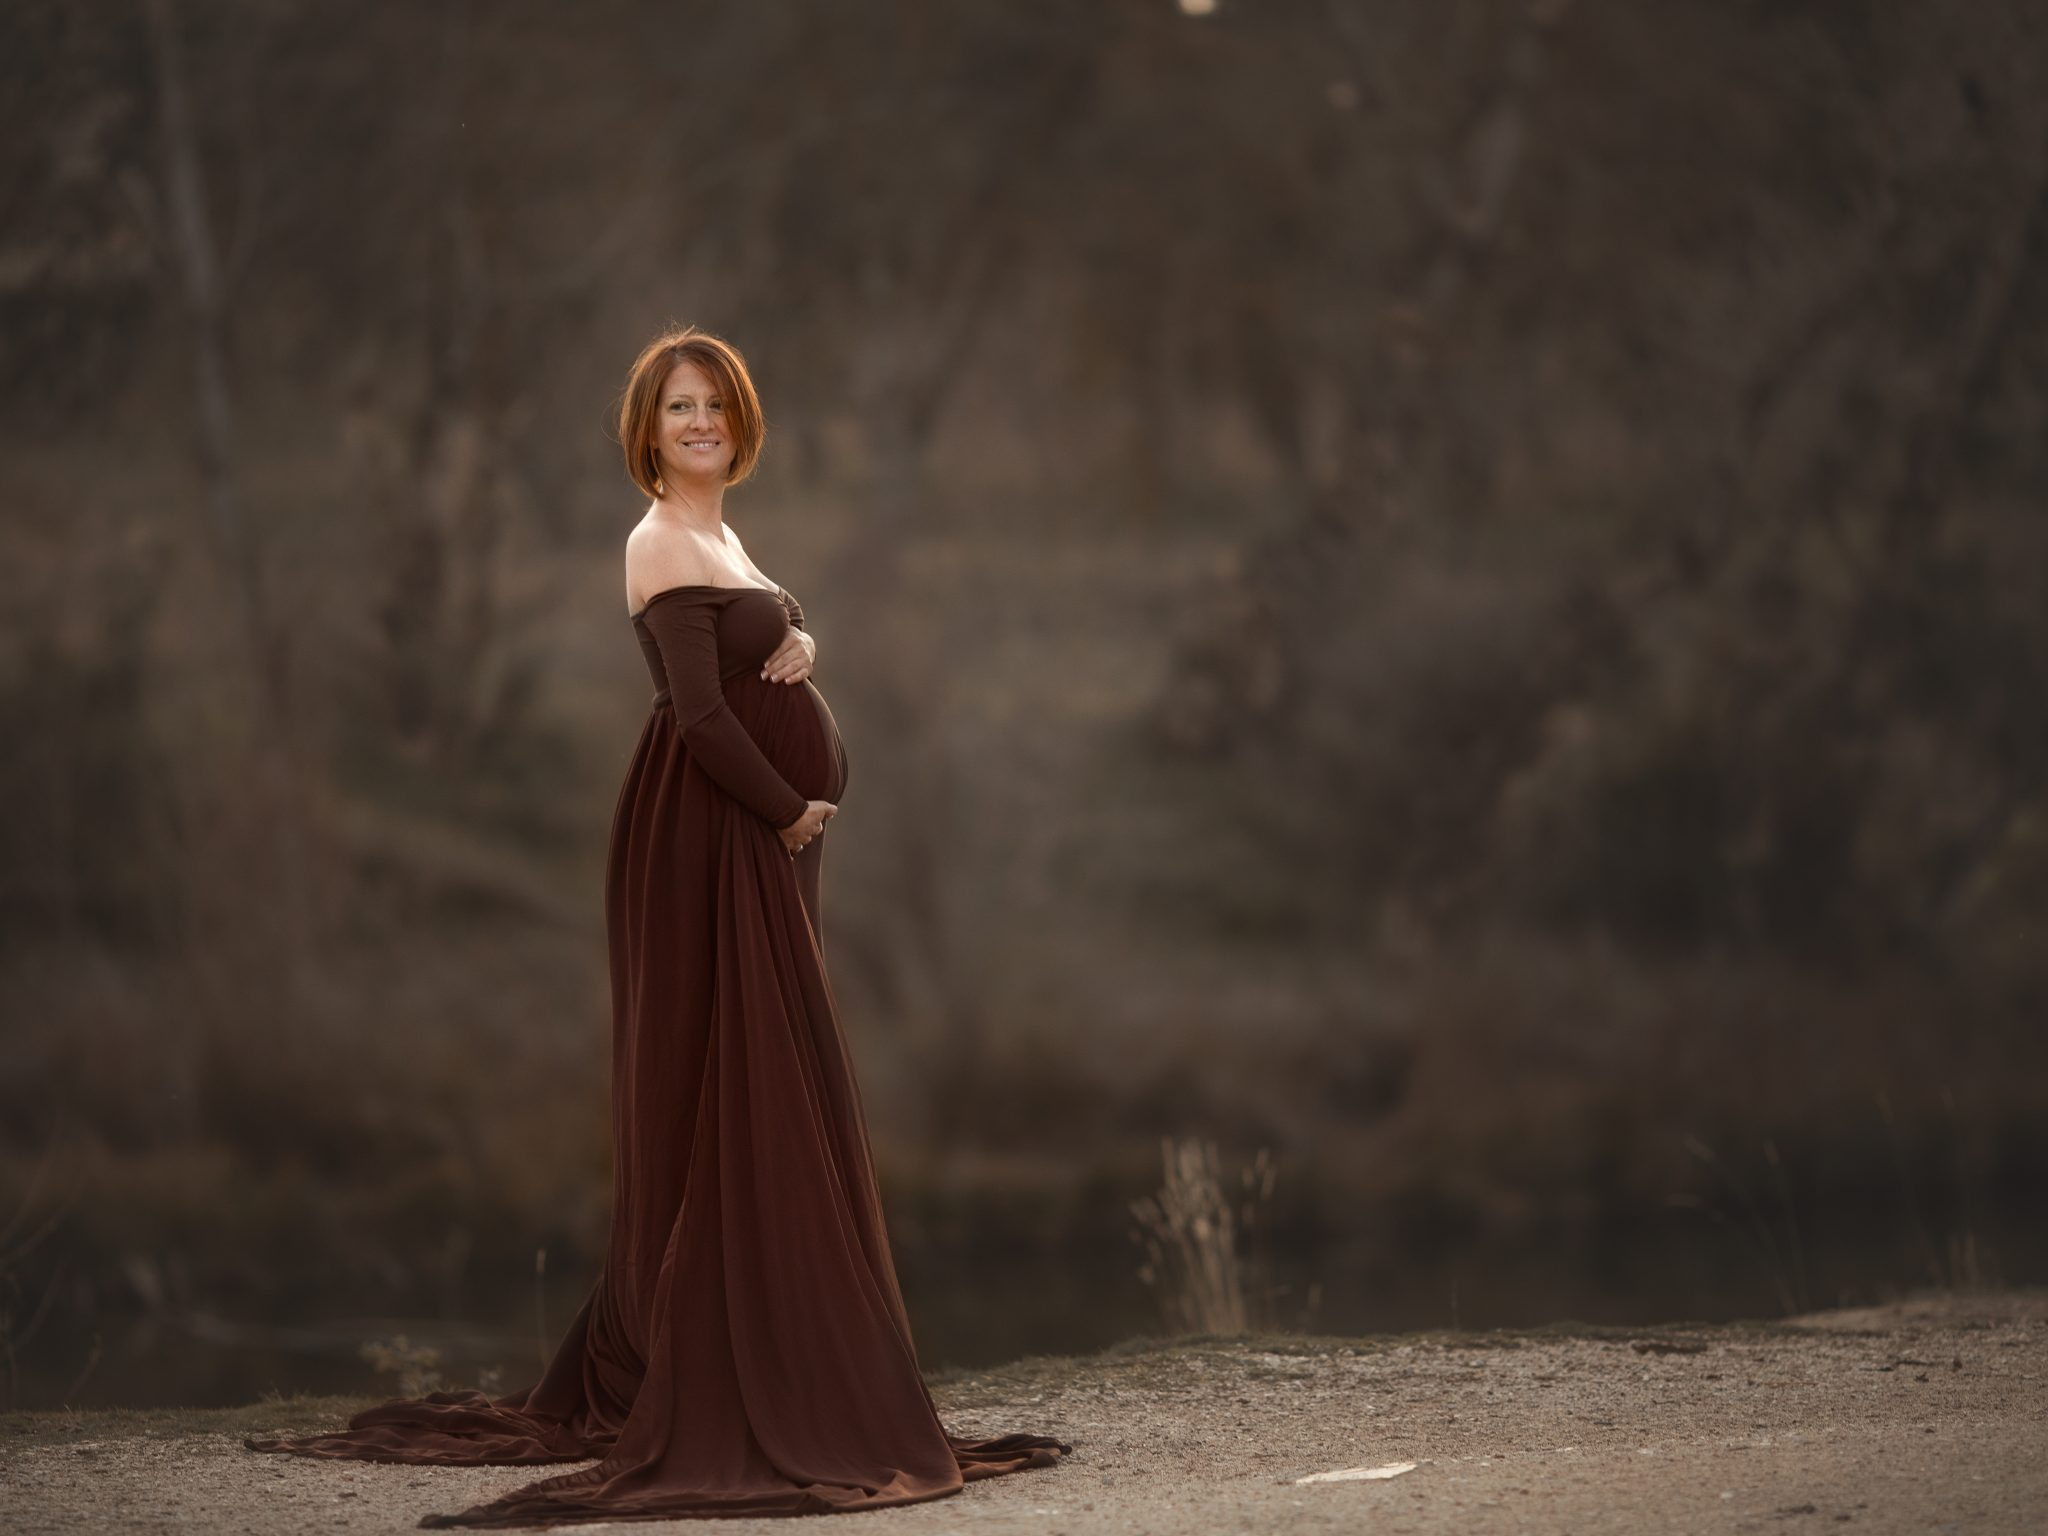 fotografo de embarazo